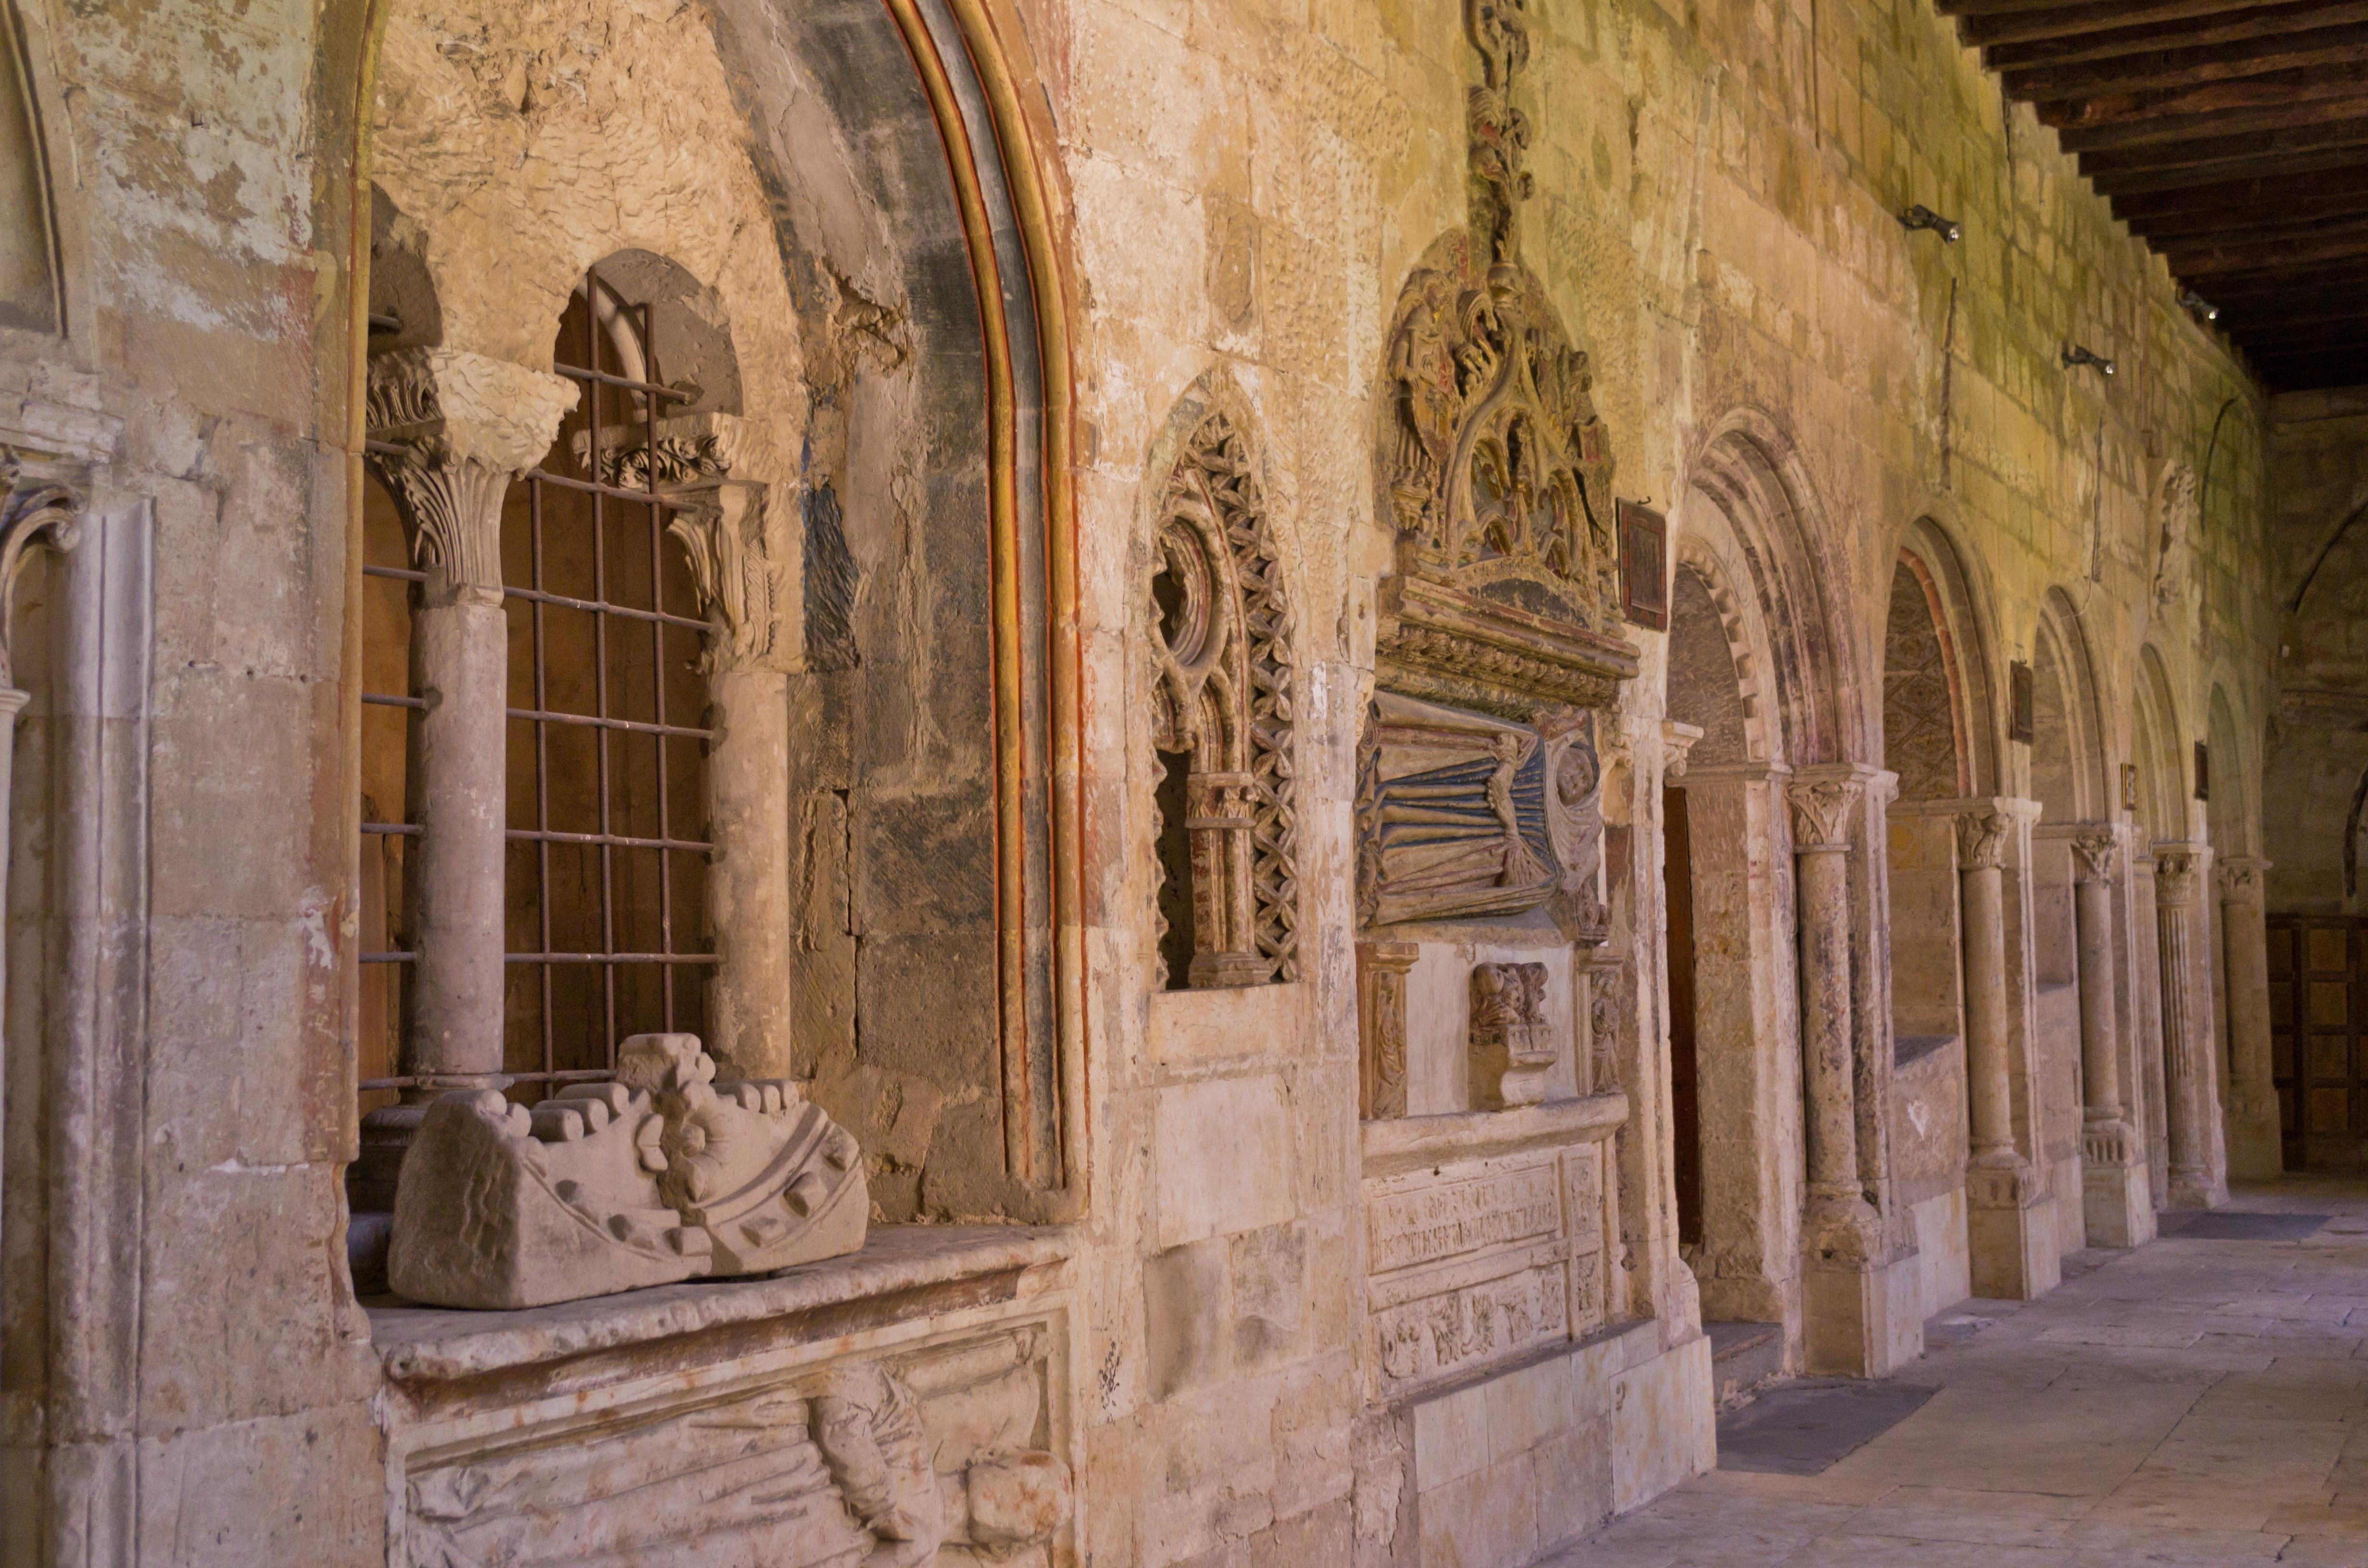 File:Interiores de la Catedral Vieja de Salamanca 3.jpg